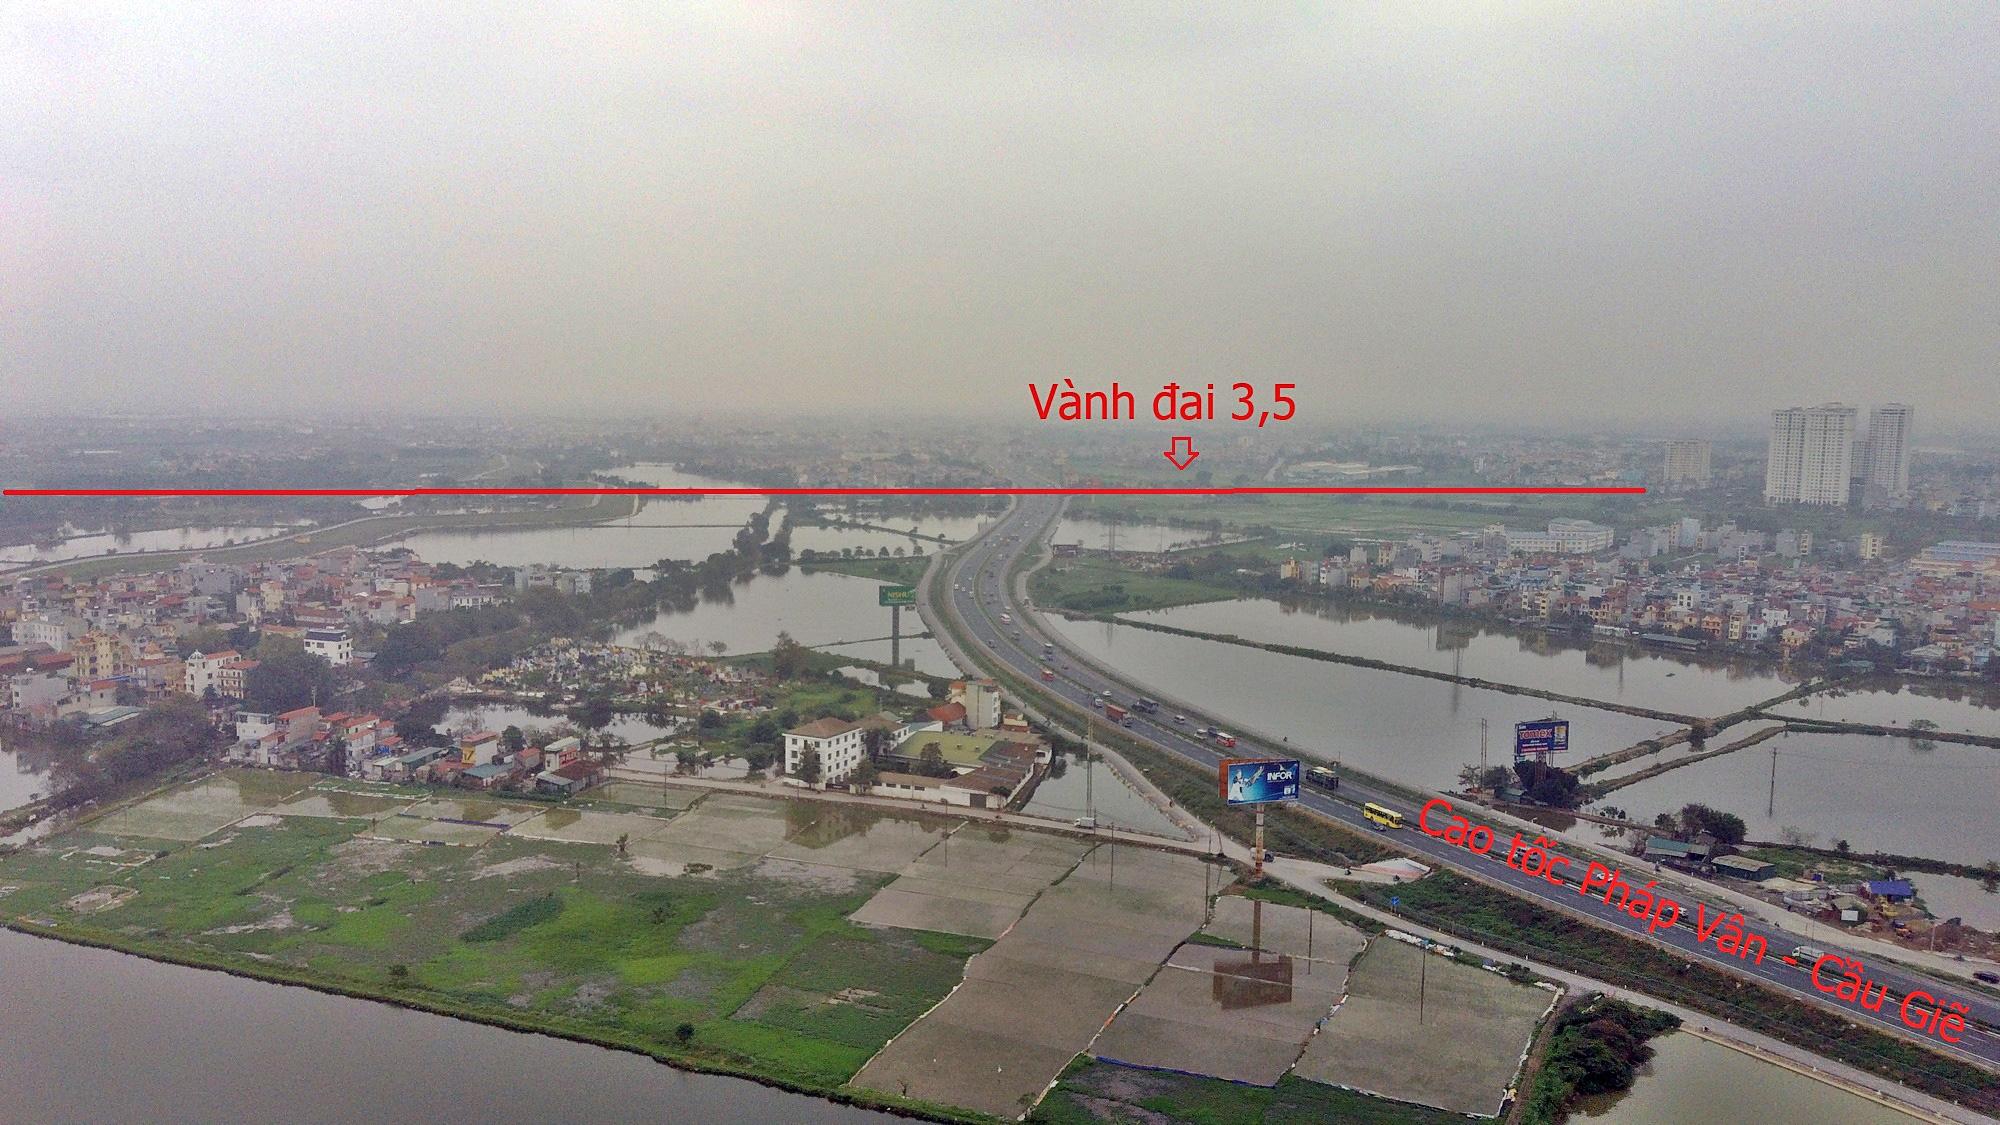 Cầu sẽ mở theo qui hoạch ở Hà Nội: Toàn cảnh cầu Ngọc Hồi nối Hà Nội với Hưng Yên - Ảnh 12.